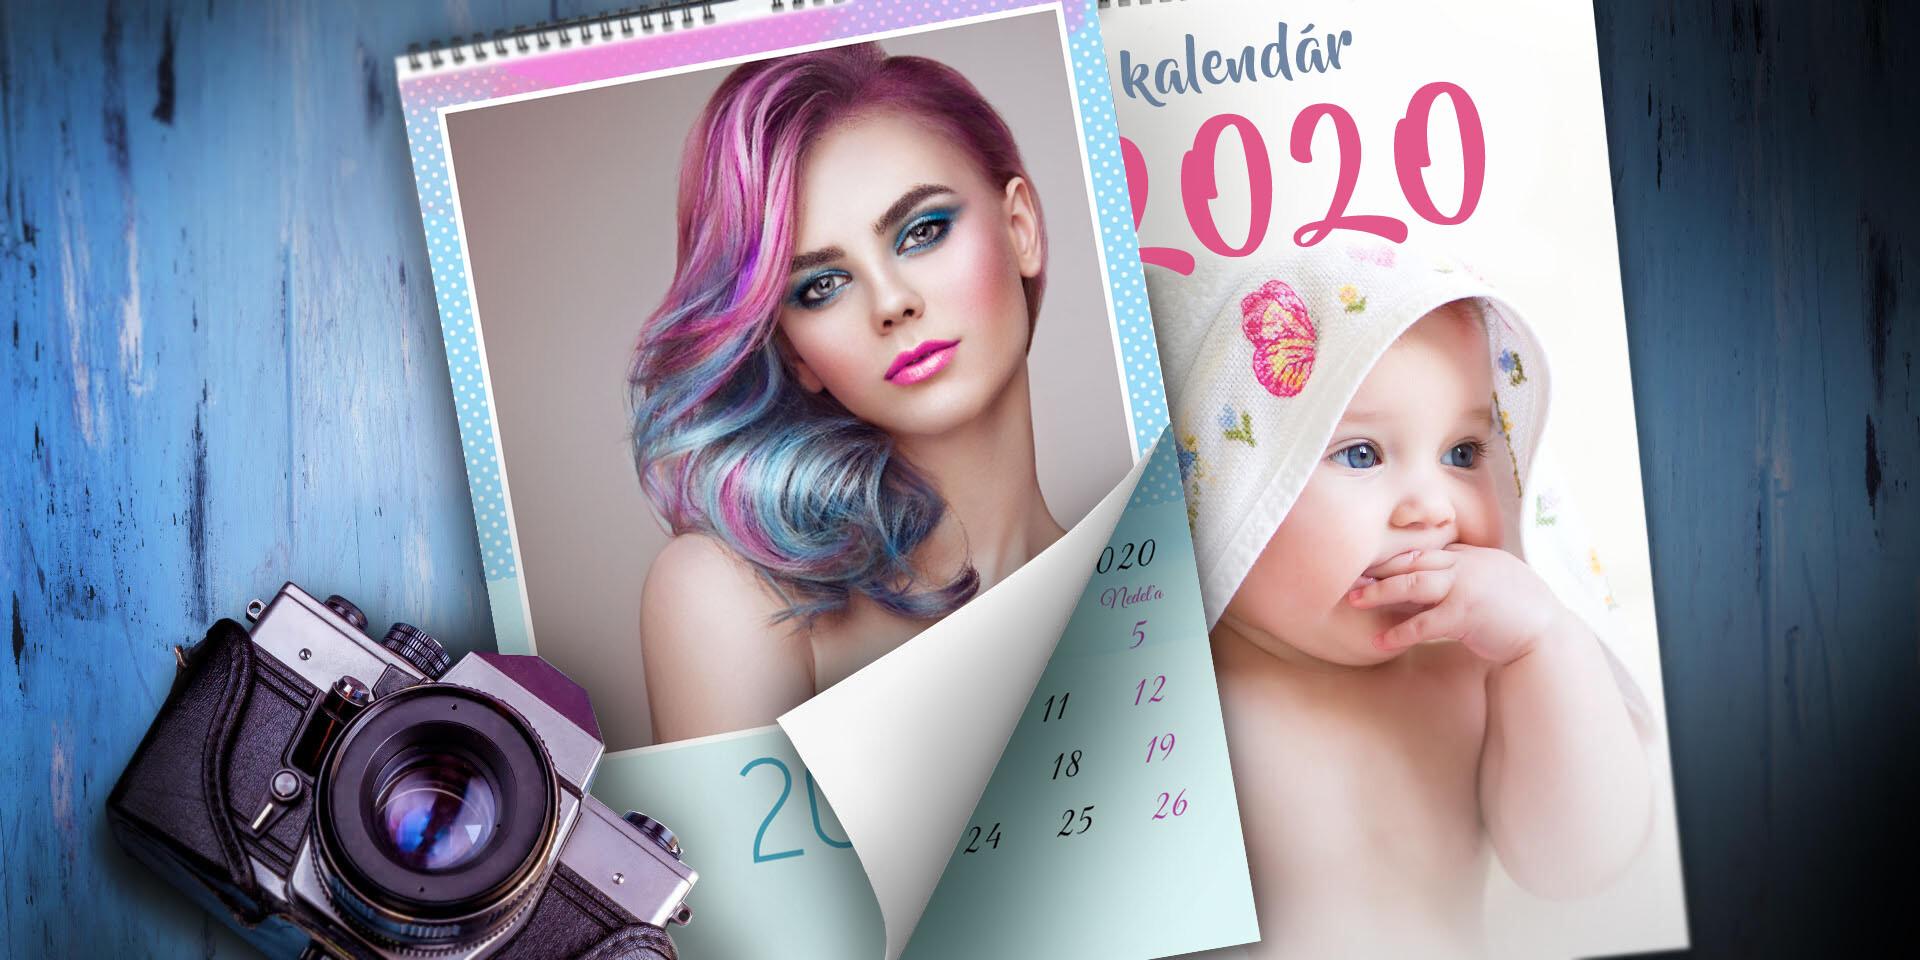 Nástenný fotokalendár s jednoduchou online editáciou fotografií, ktorú zvládne úplne každý